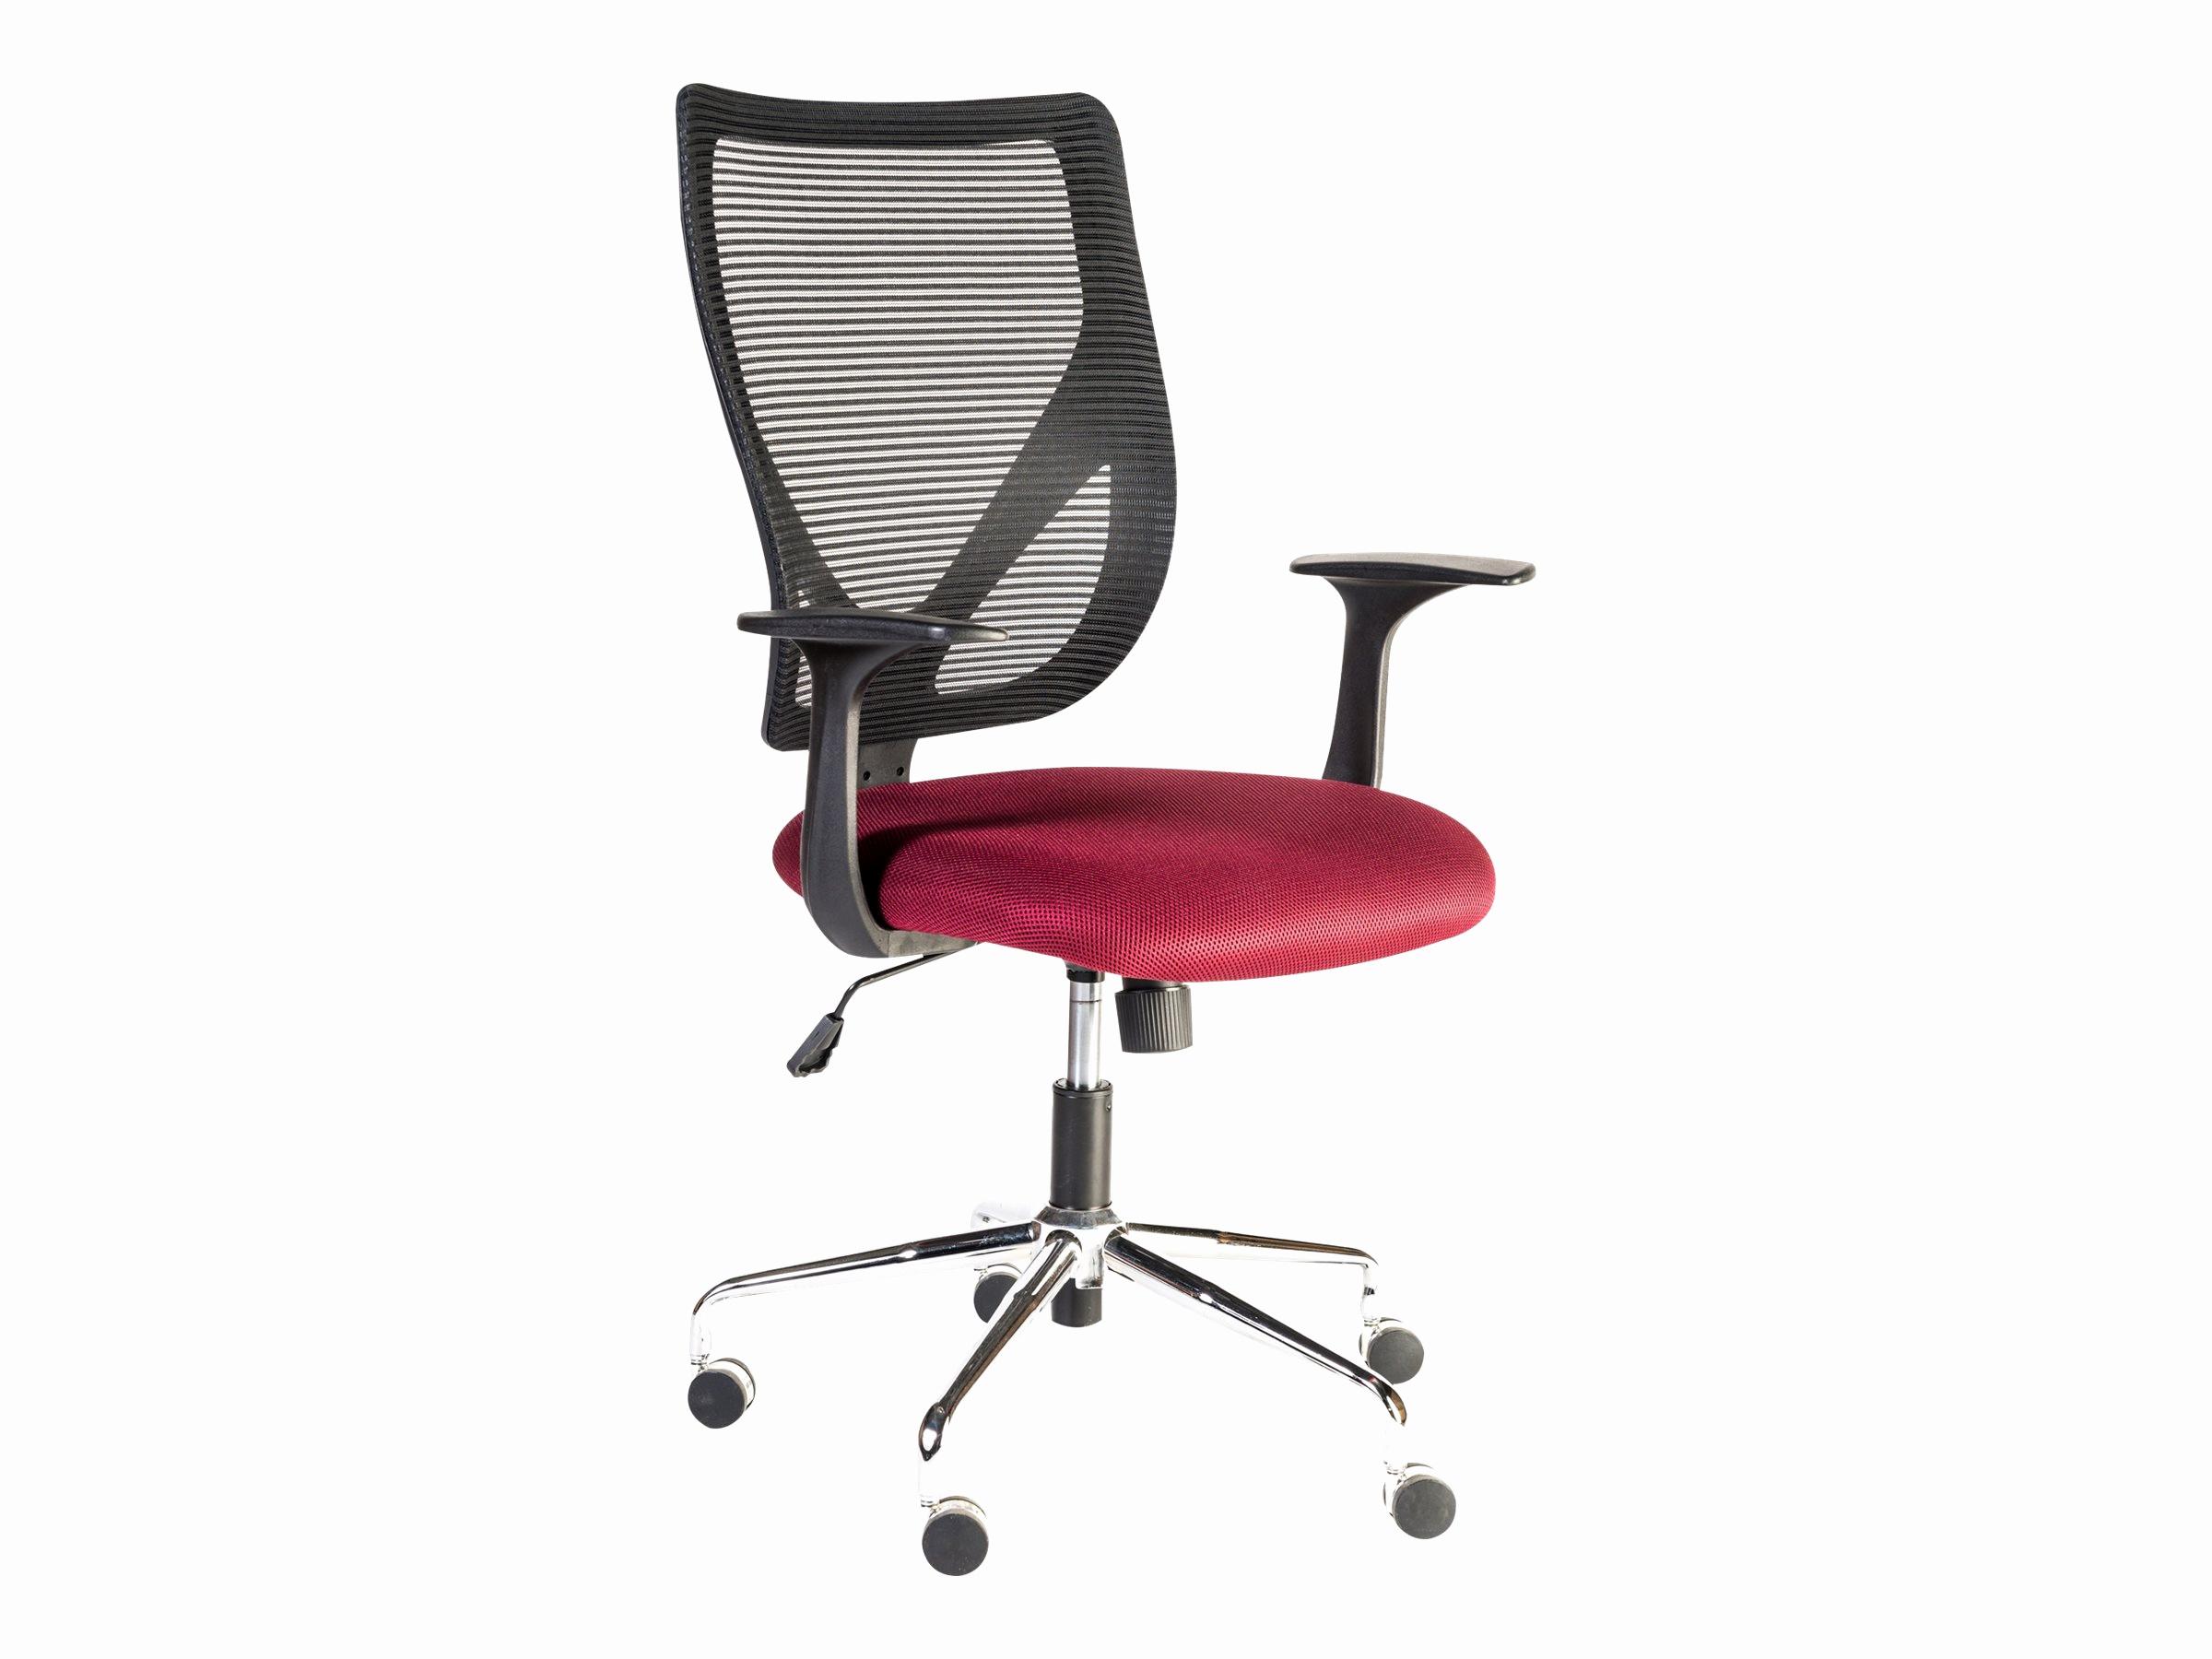 chaise avec accoudoir en bois charmant beau fauteuil crapaud avec accoudoir avec accoudoir chaise chaises of chaise avec accoudoir en bois